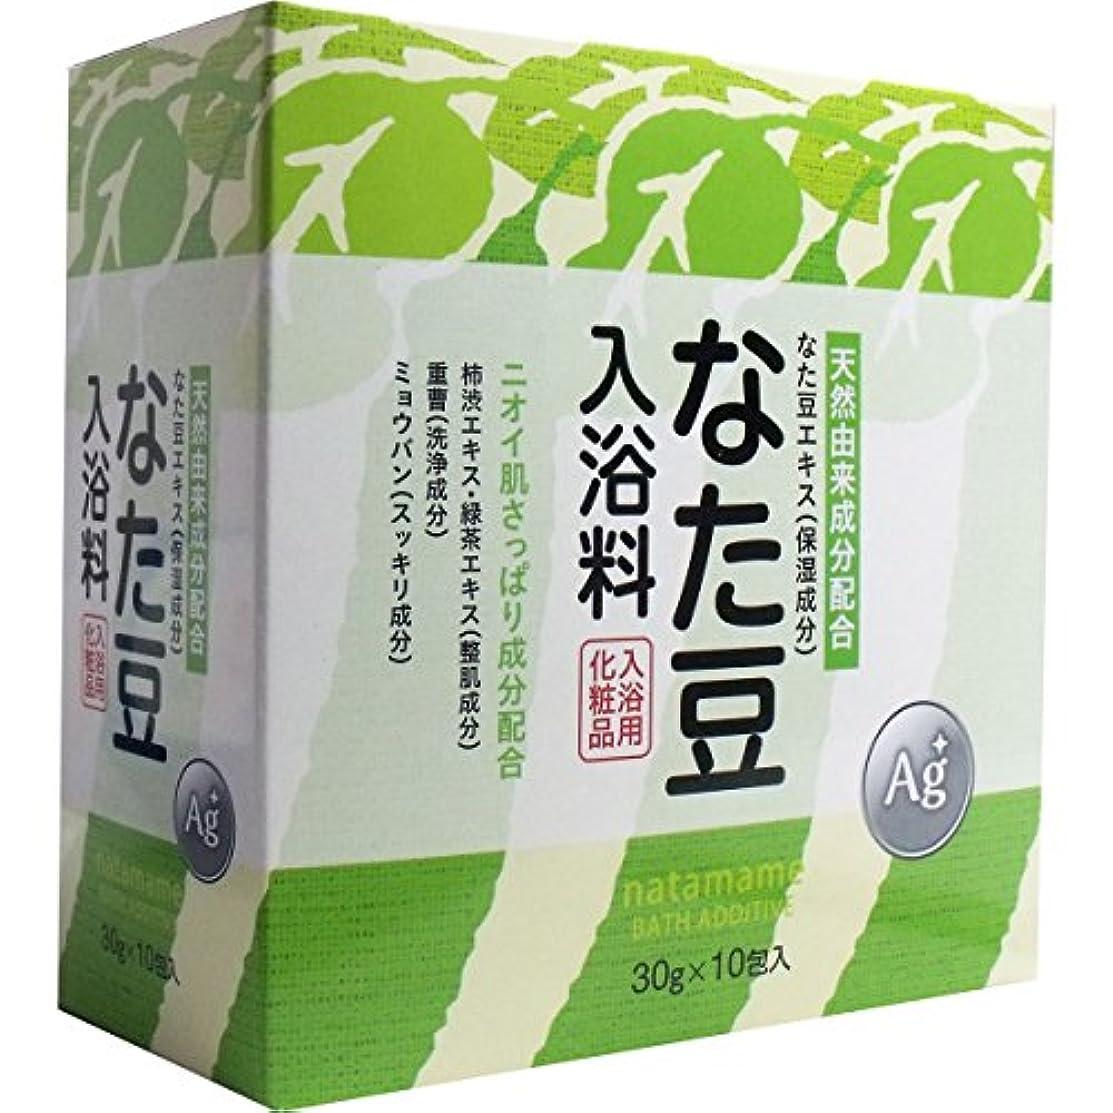 マーチャンダイザー量で悪名高いなた豆入浴料 入浴用化粧品 30g×10包入×4